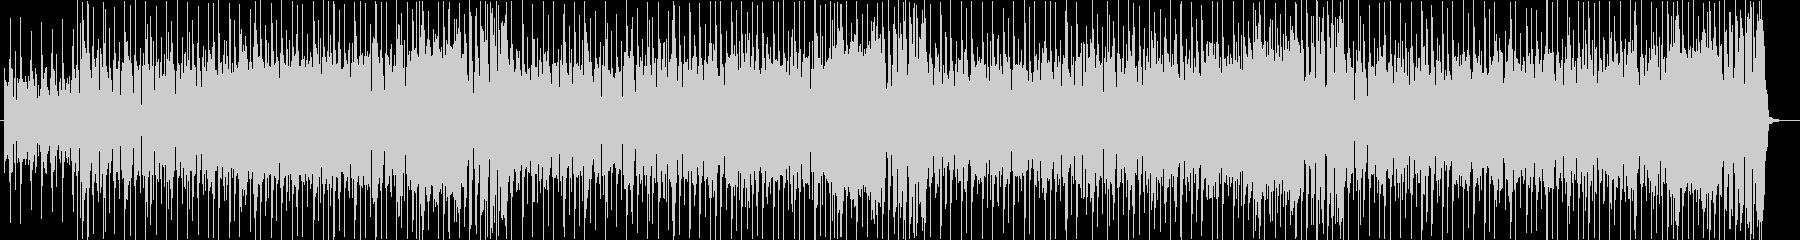 ファンク系BGM。ループ。の未再生の波形